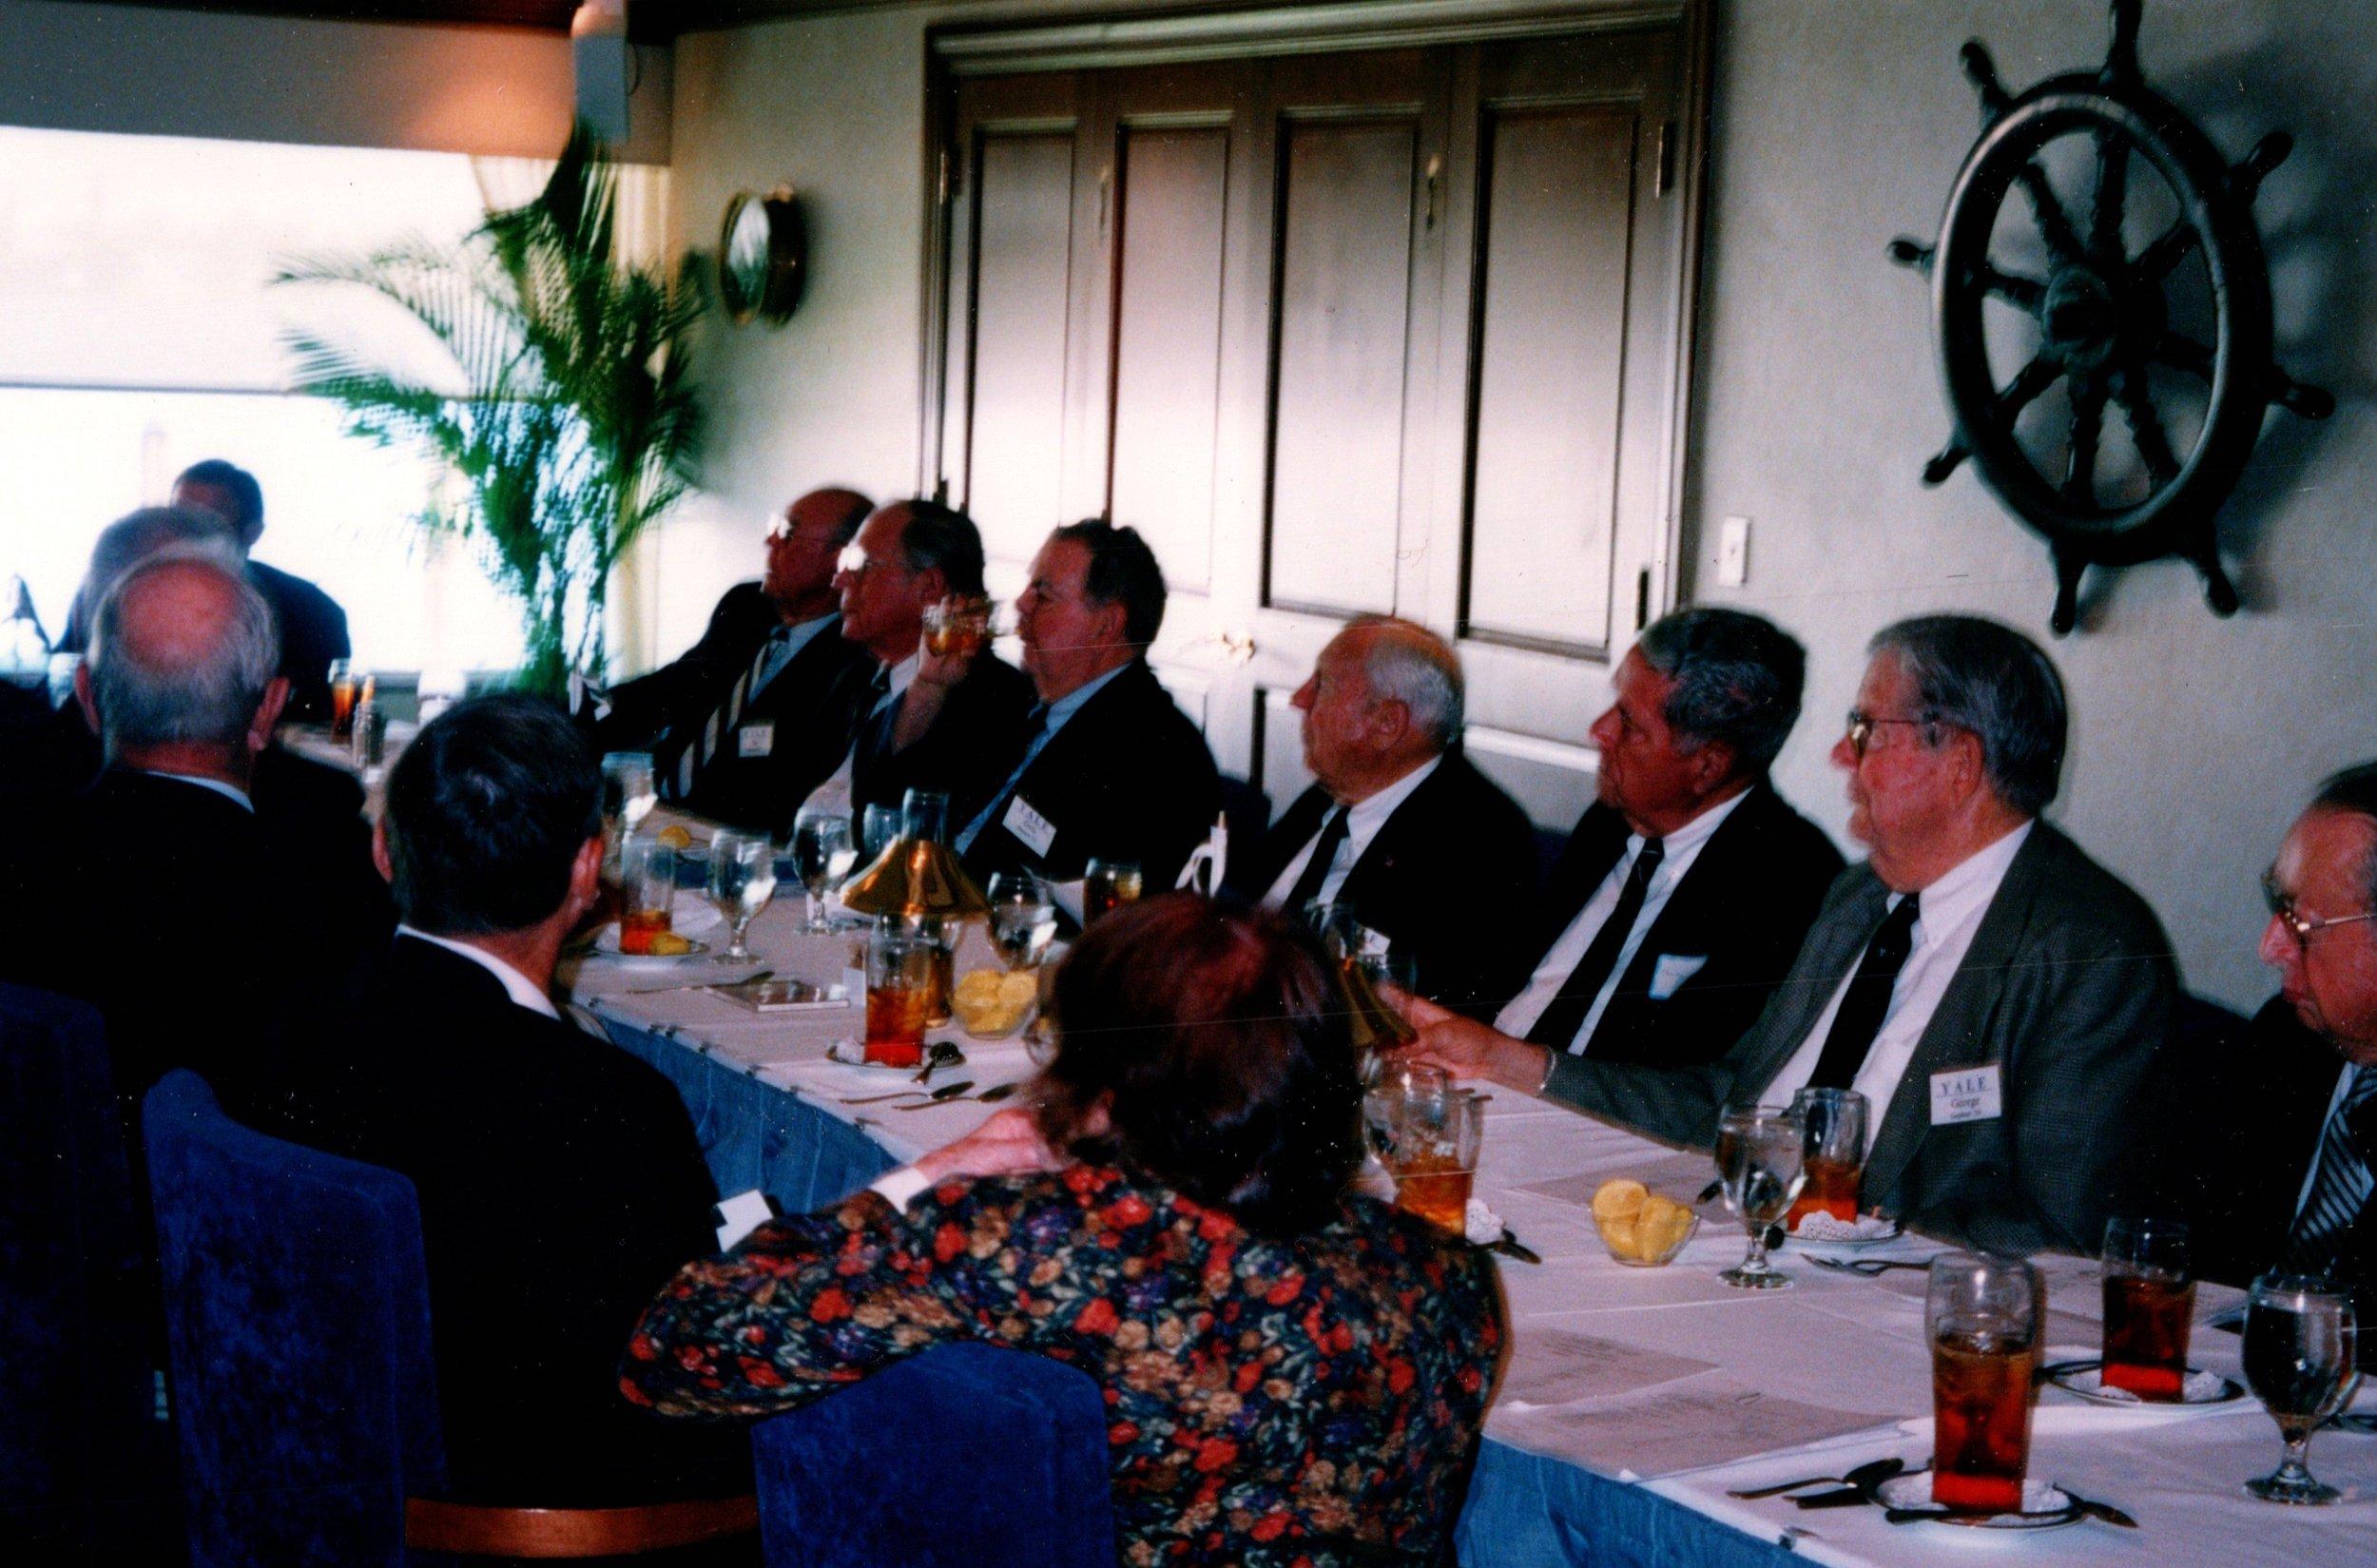 11_13_2003 - ANNUAL MEETING OF MEMBERS 1.jpg